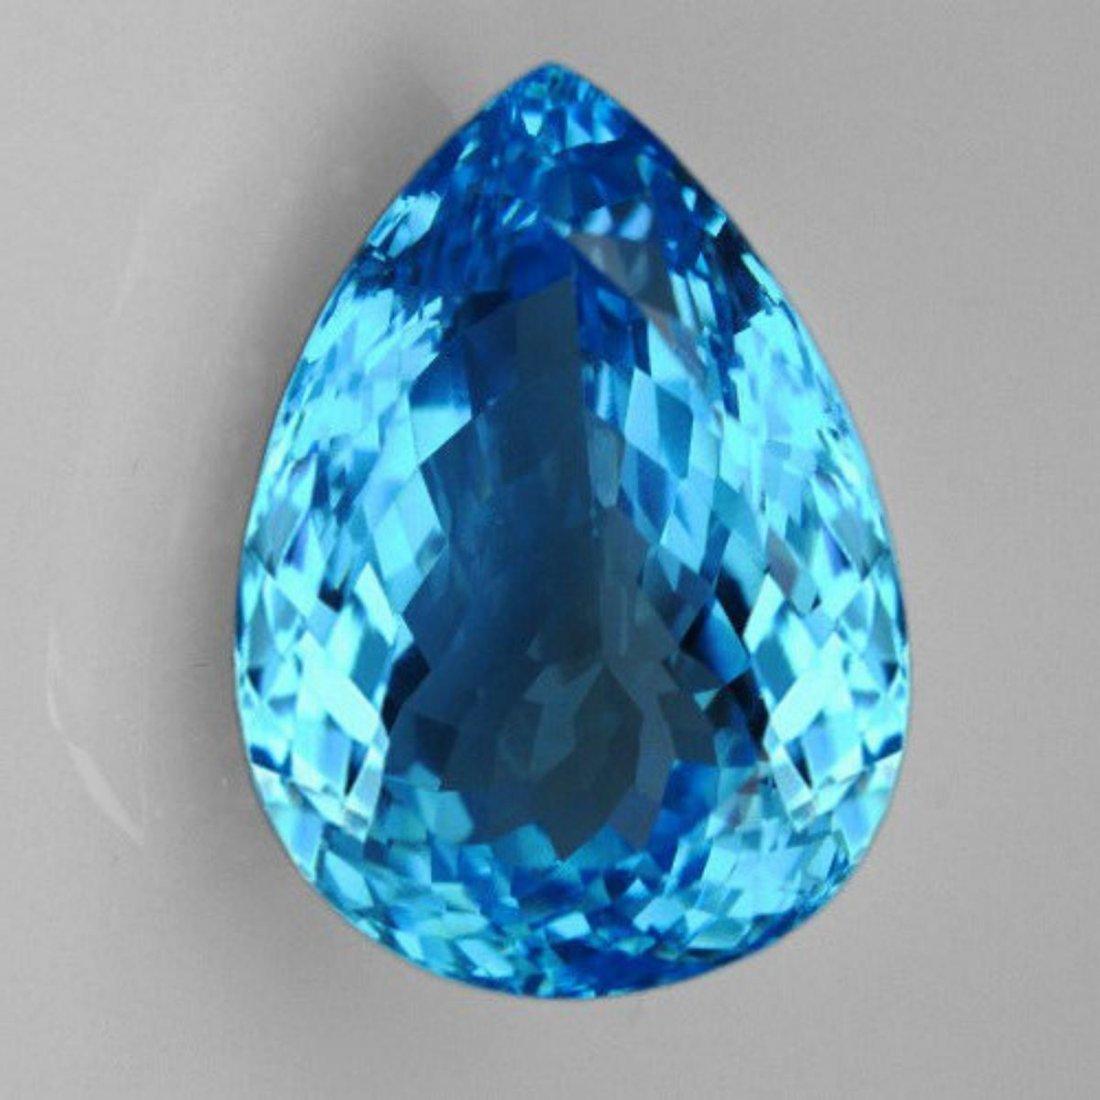 Natural Brillant Cut Sky Blue Topaz 42.05 Ct - VVS